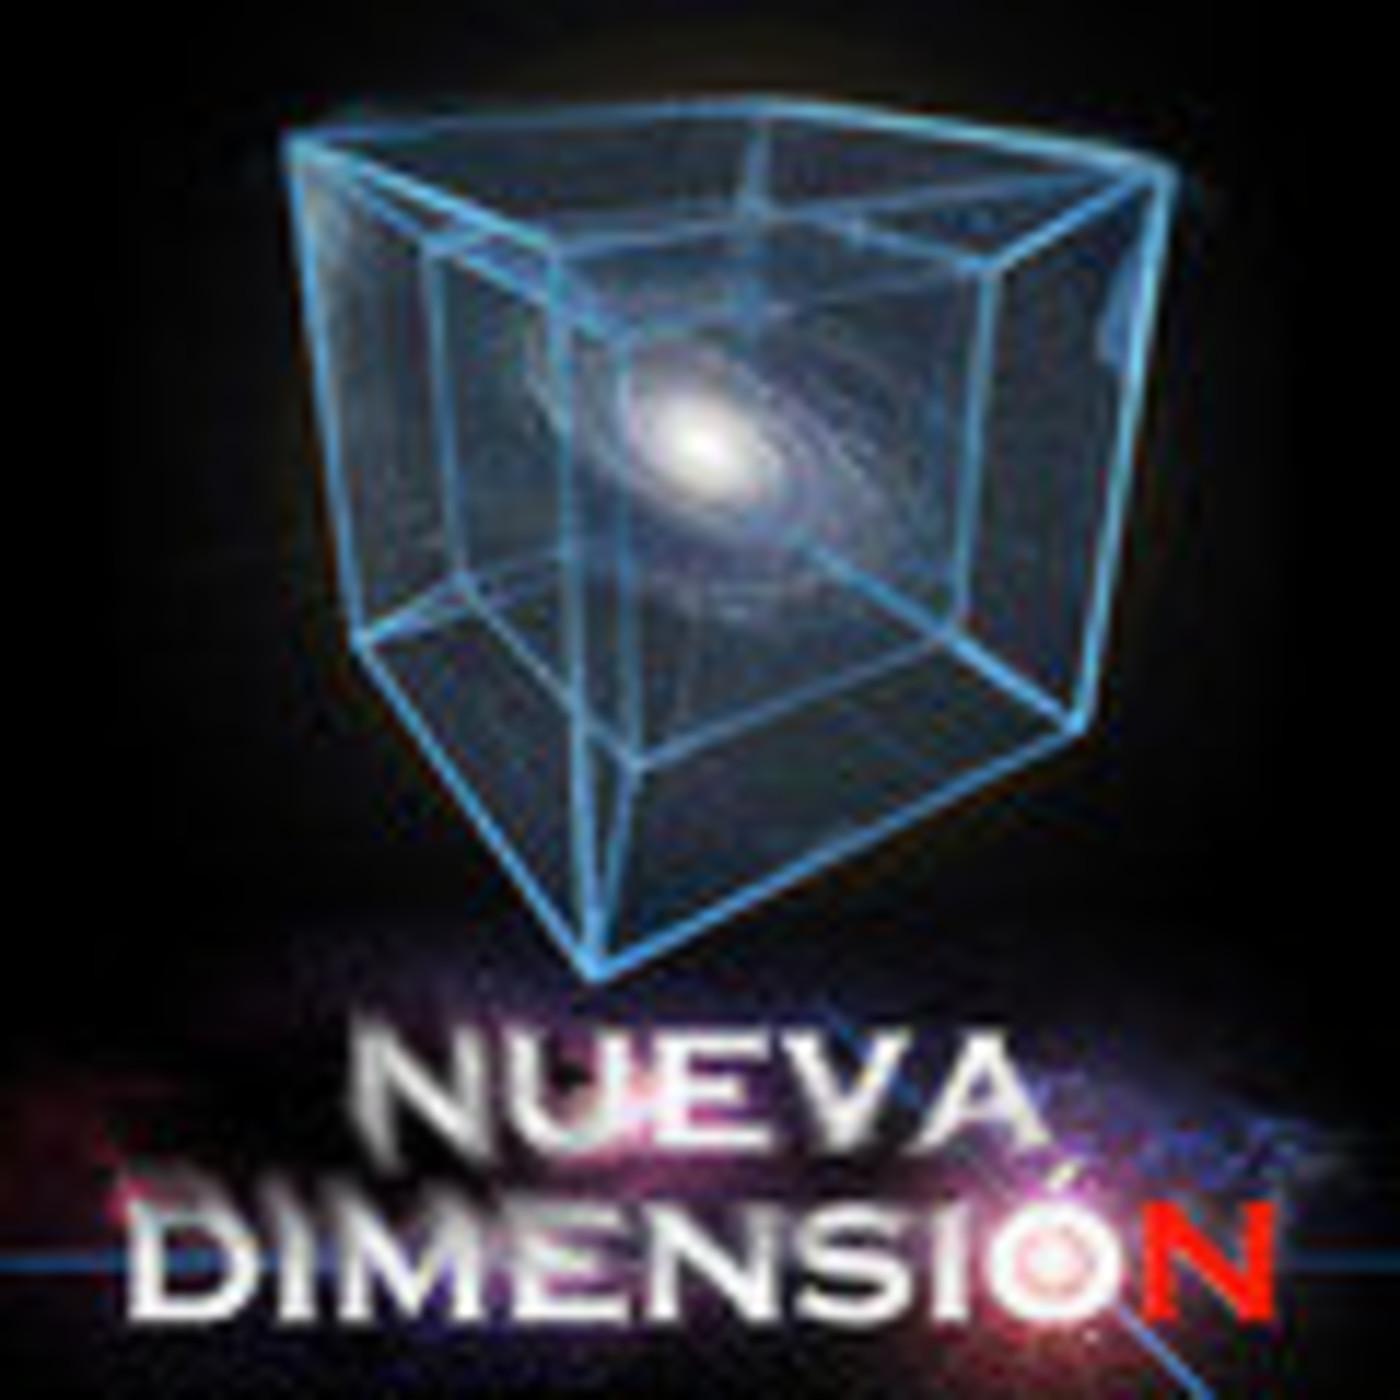 Juan Gómez - Nueva Dimension